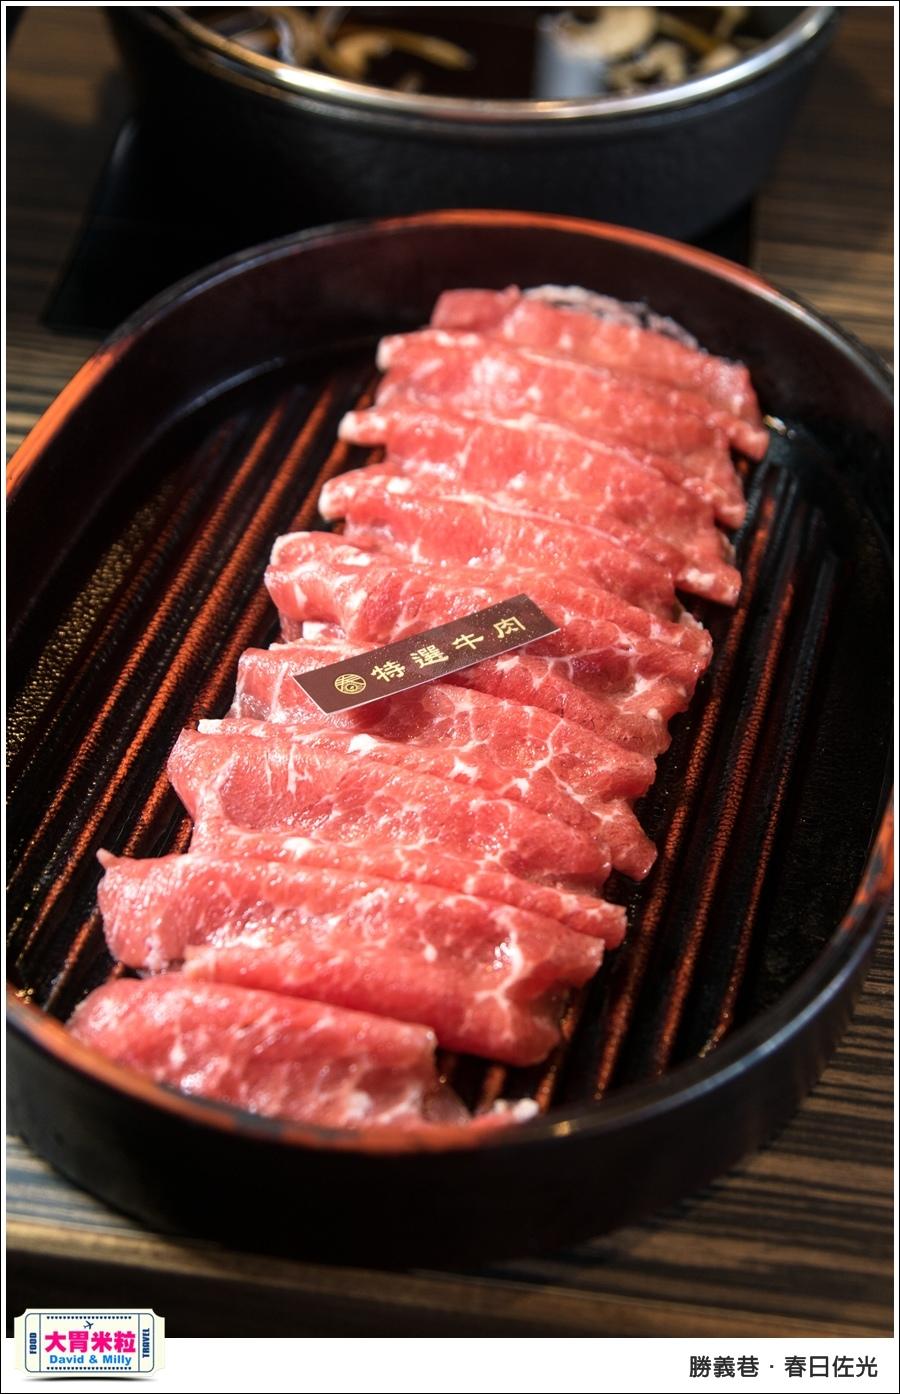 屏東勝義巷餐廳推薦@春日佐光壽喜燒@大胃米粒 031.jpg